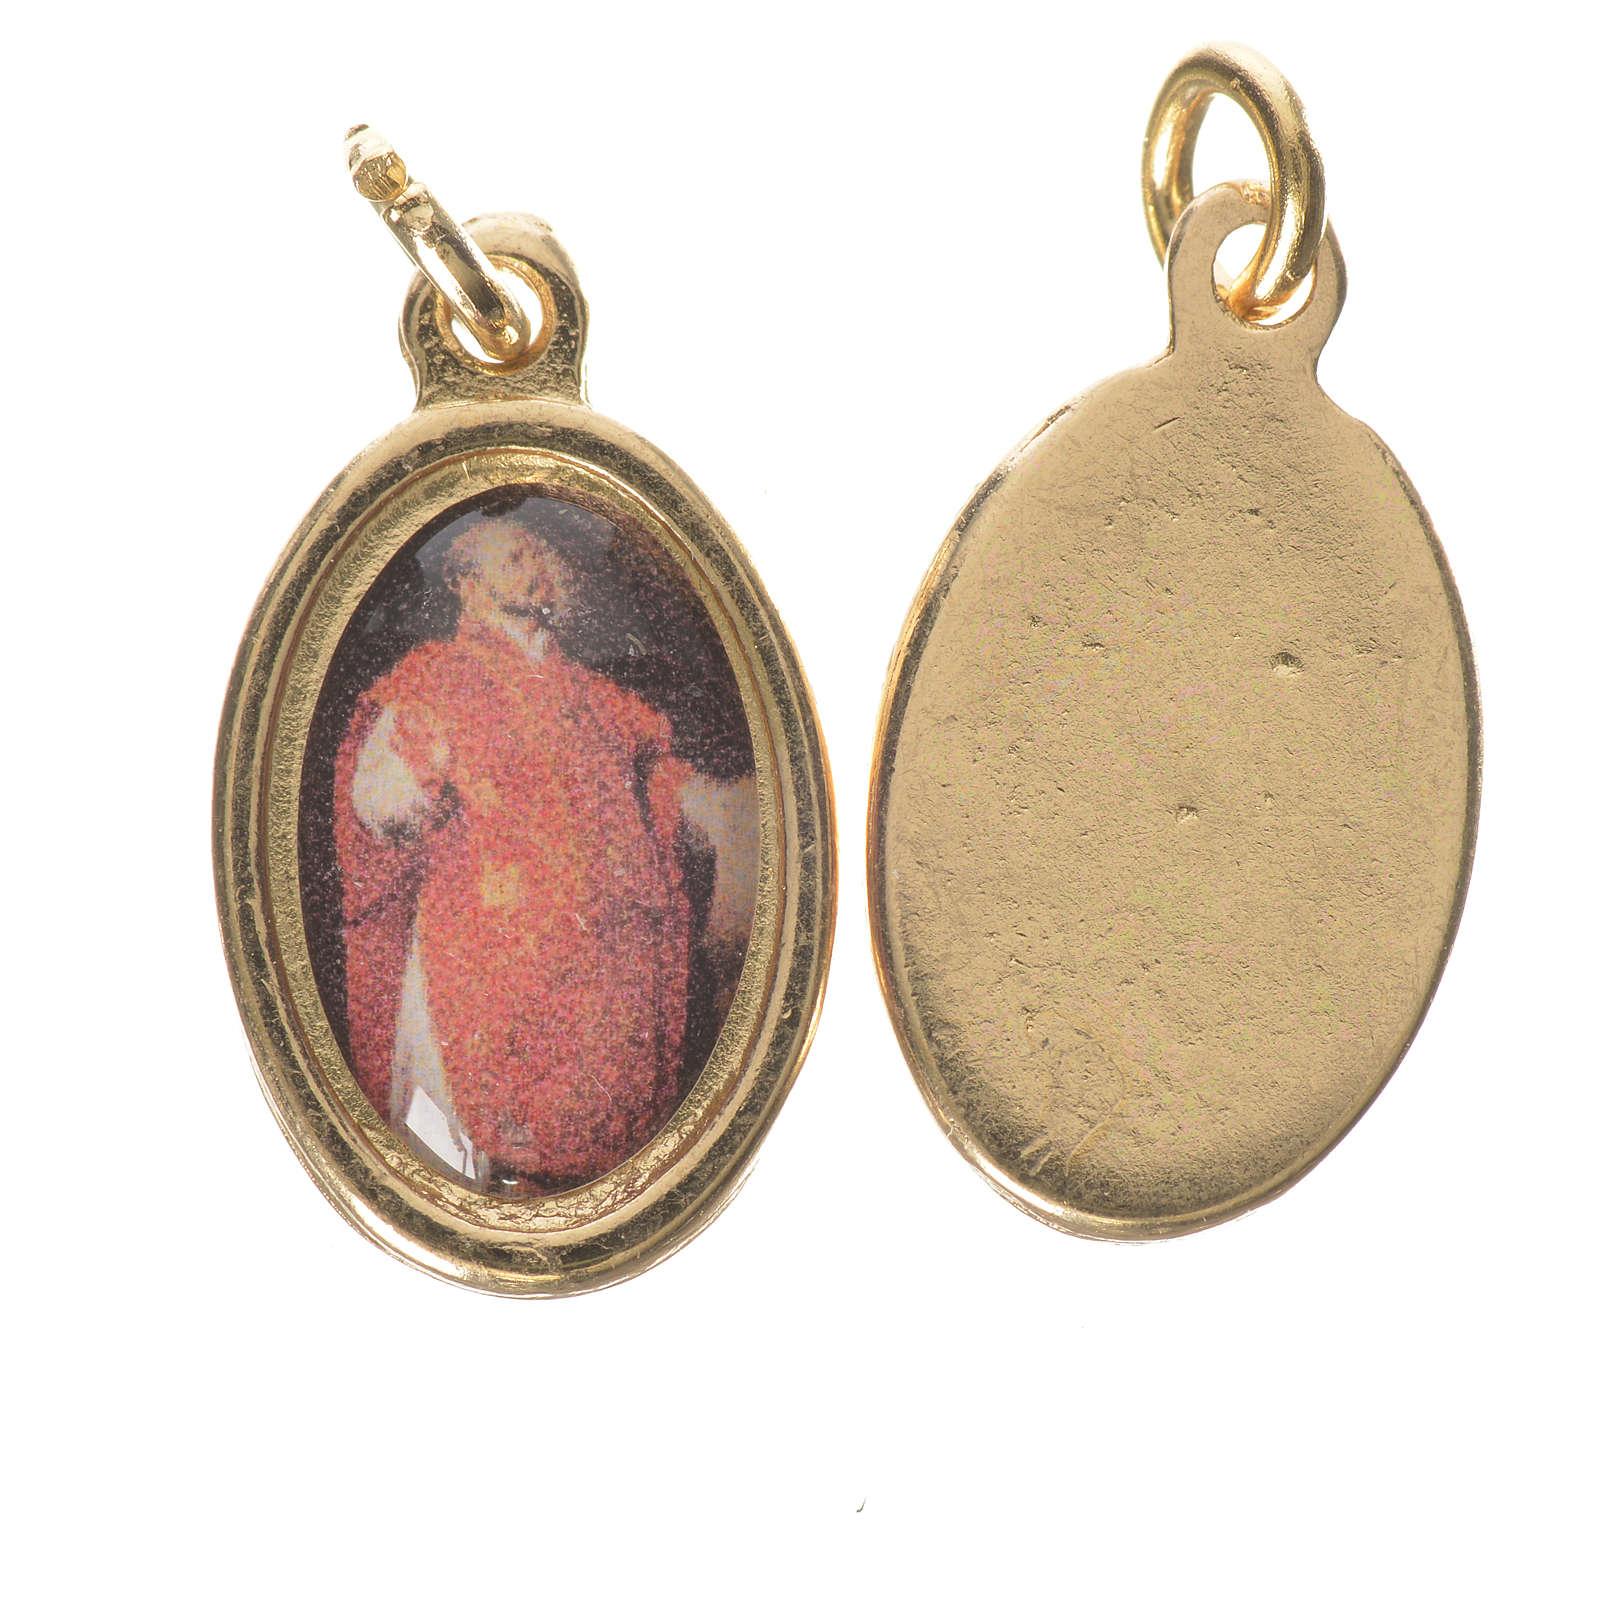 Medaglia S. Ignazio Loyola metallo dorato altezza 1,5cm 4